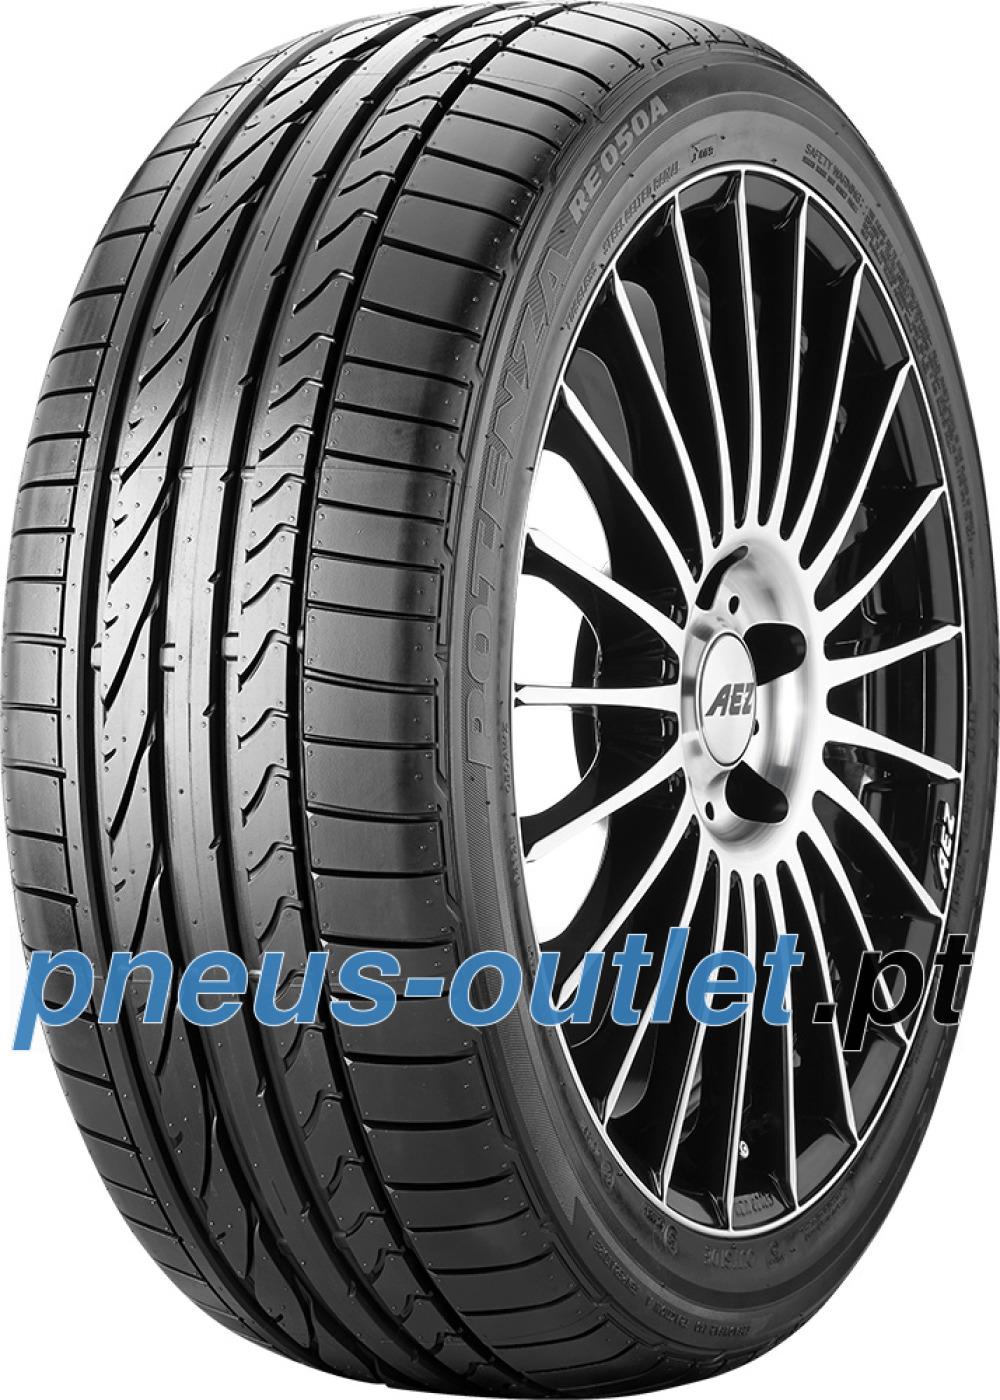 Bridgestone Potenza RE 050 A ( 235/40 ZR18 (91Y) N1 )